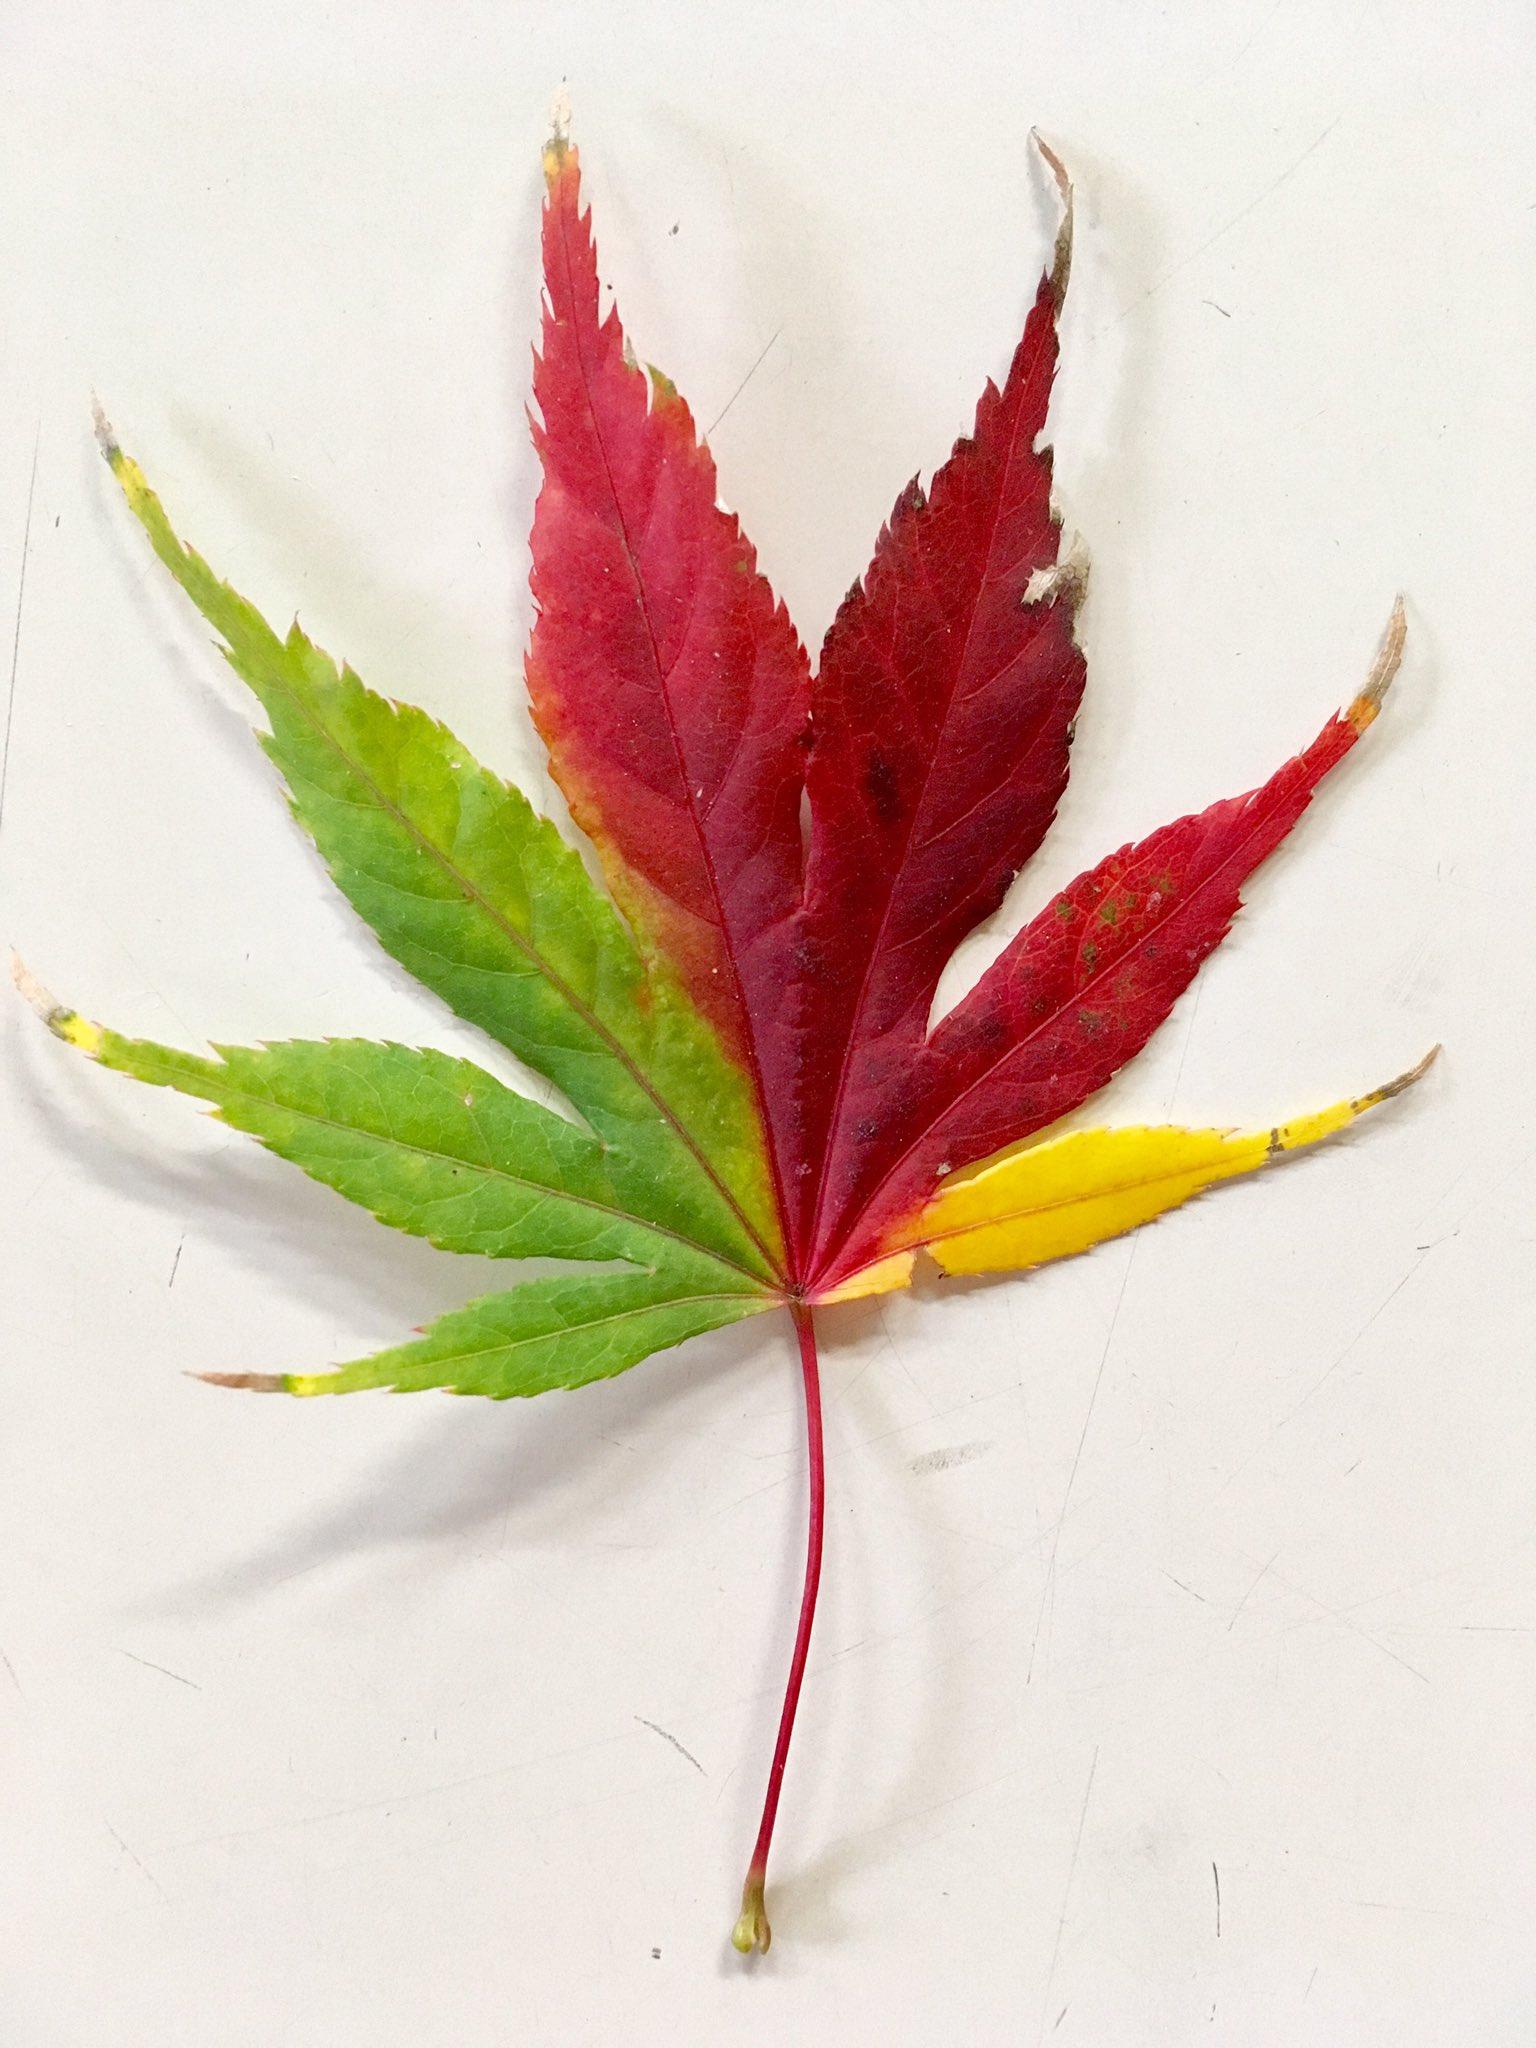 珍しいもみじの葉を発見ww一枚に色が三つ!?とても美しい「三色もみじ」ww